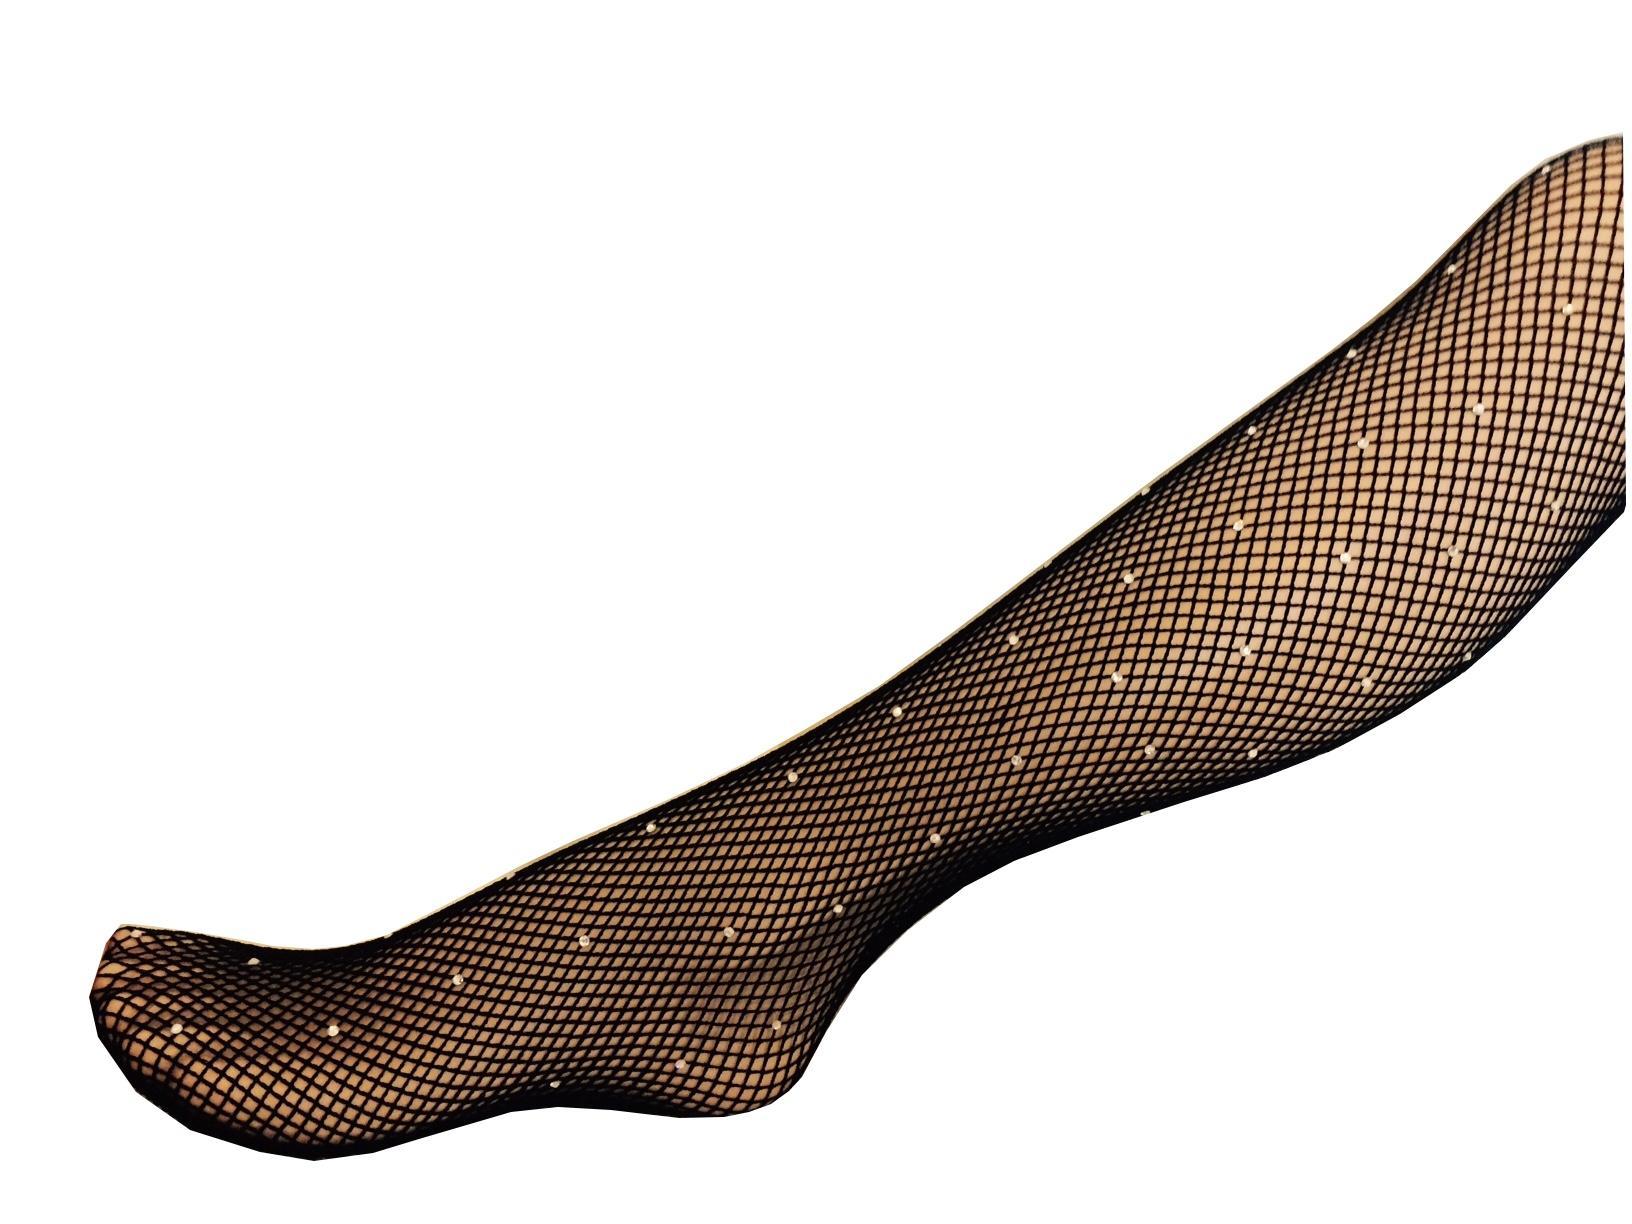 Collant resille strasse noir qualite professionnel pour danse